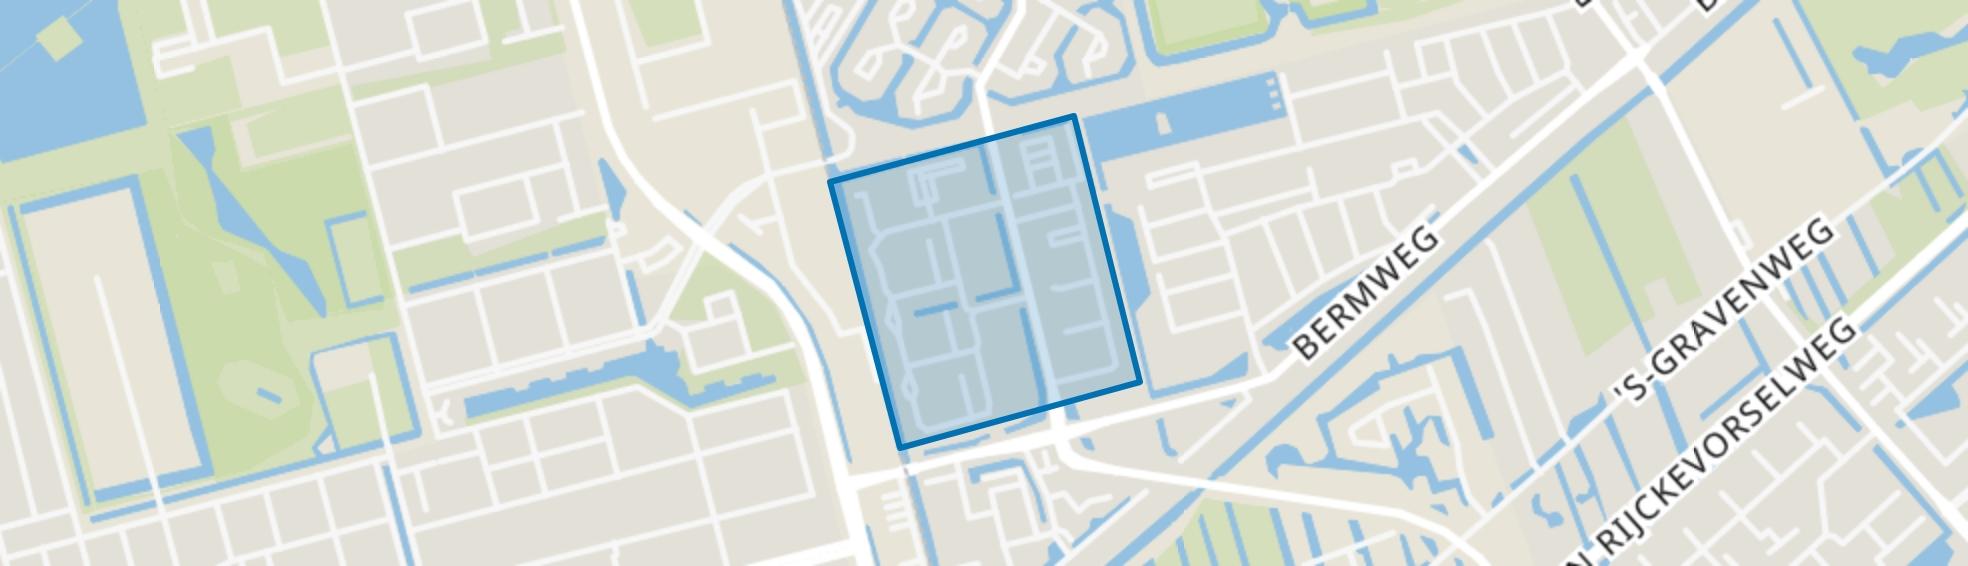 Florabuurt, Capelle aan den IJssel map